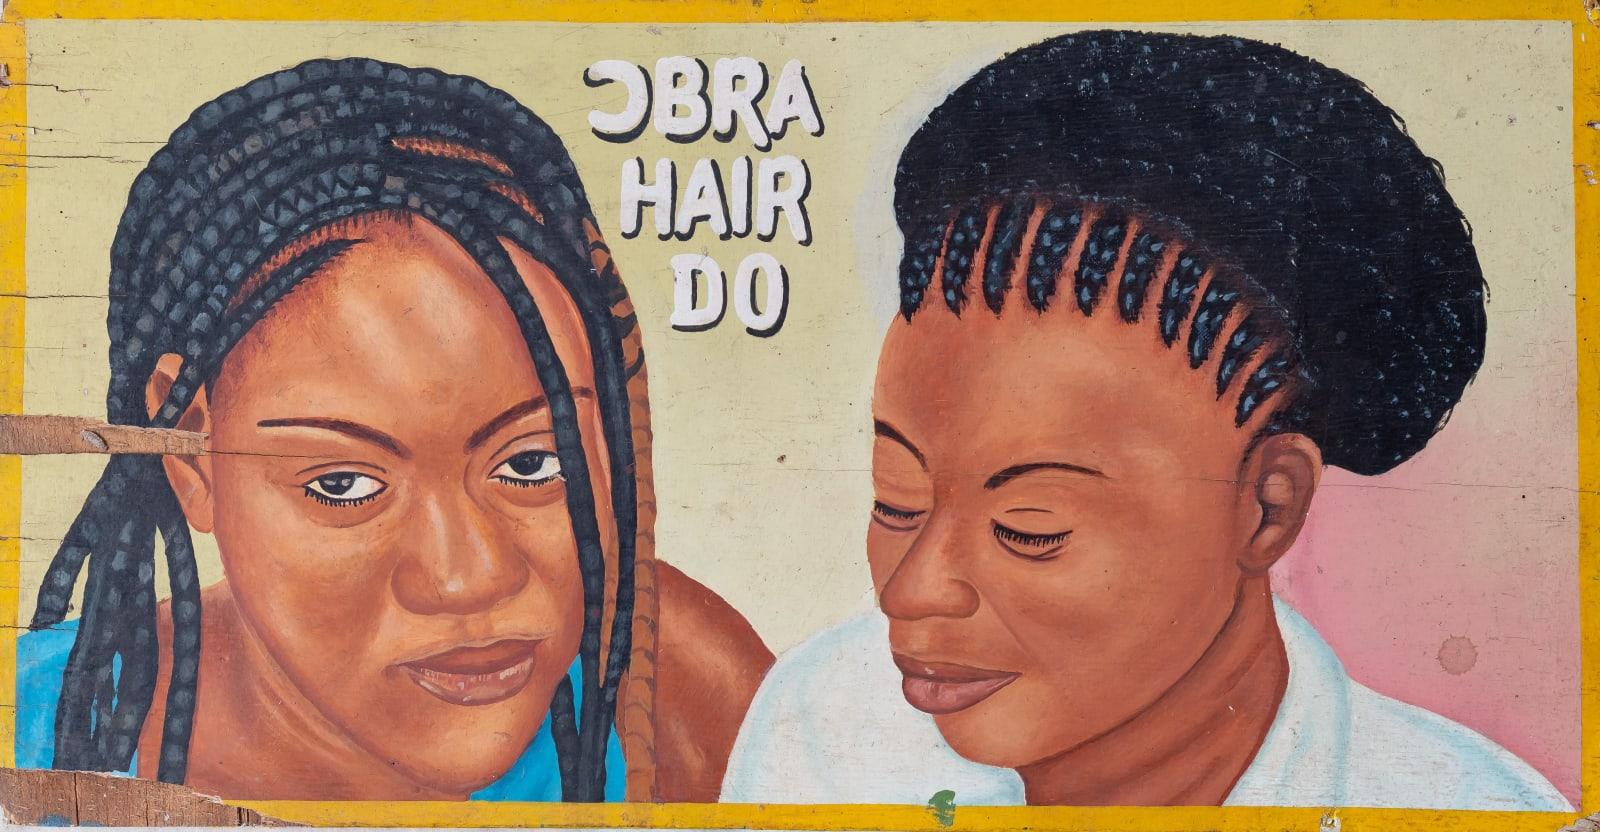 Cbra Hair Do 31.5 x 61 cm